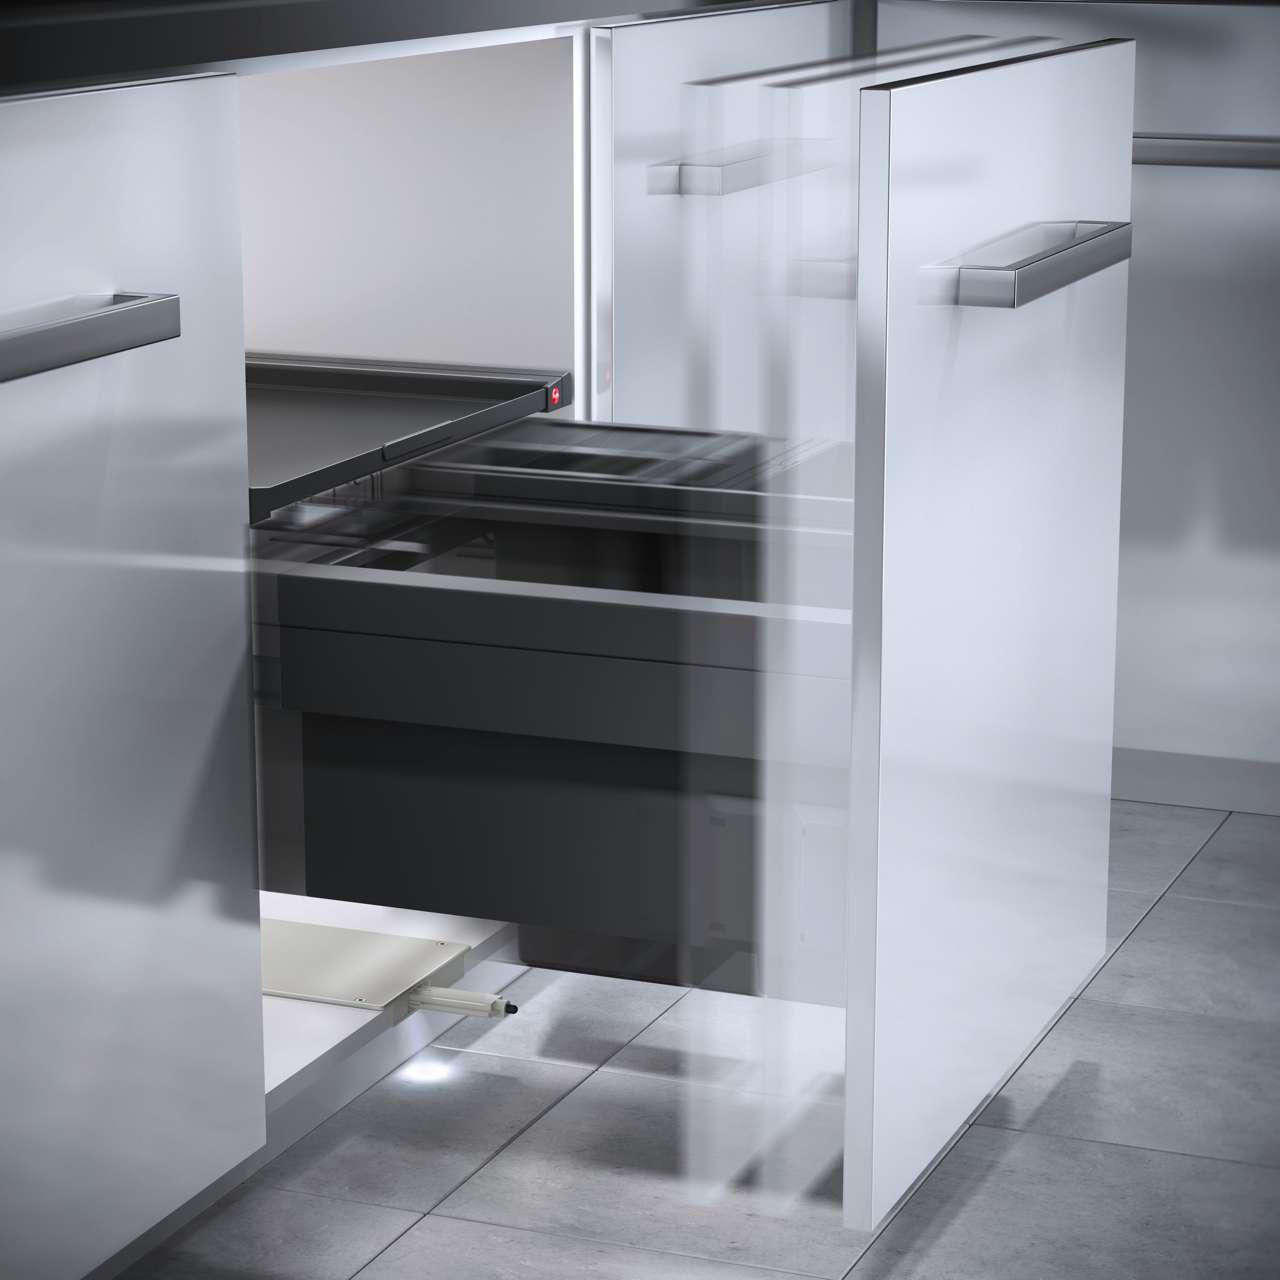 Mehr Komfort bei der Abfalltrennung | Küchen Journal